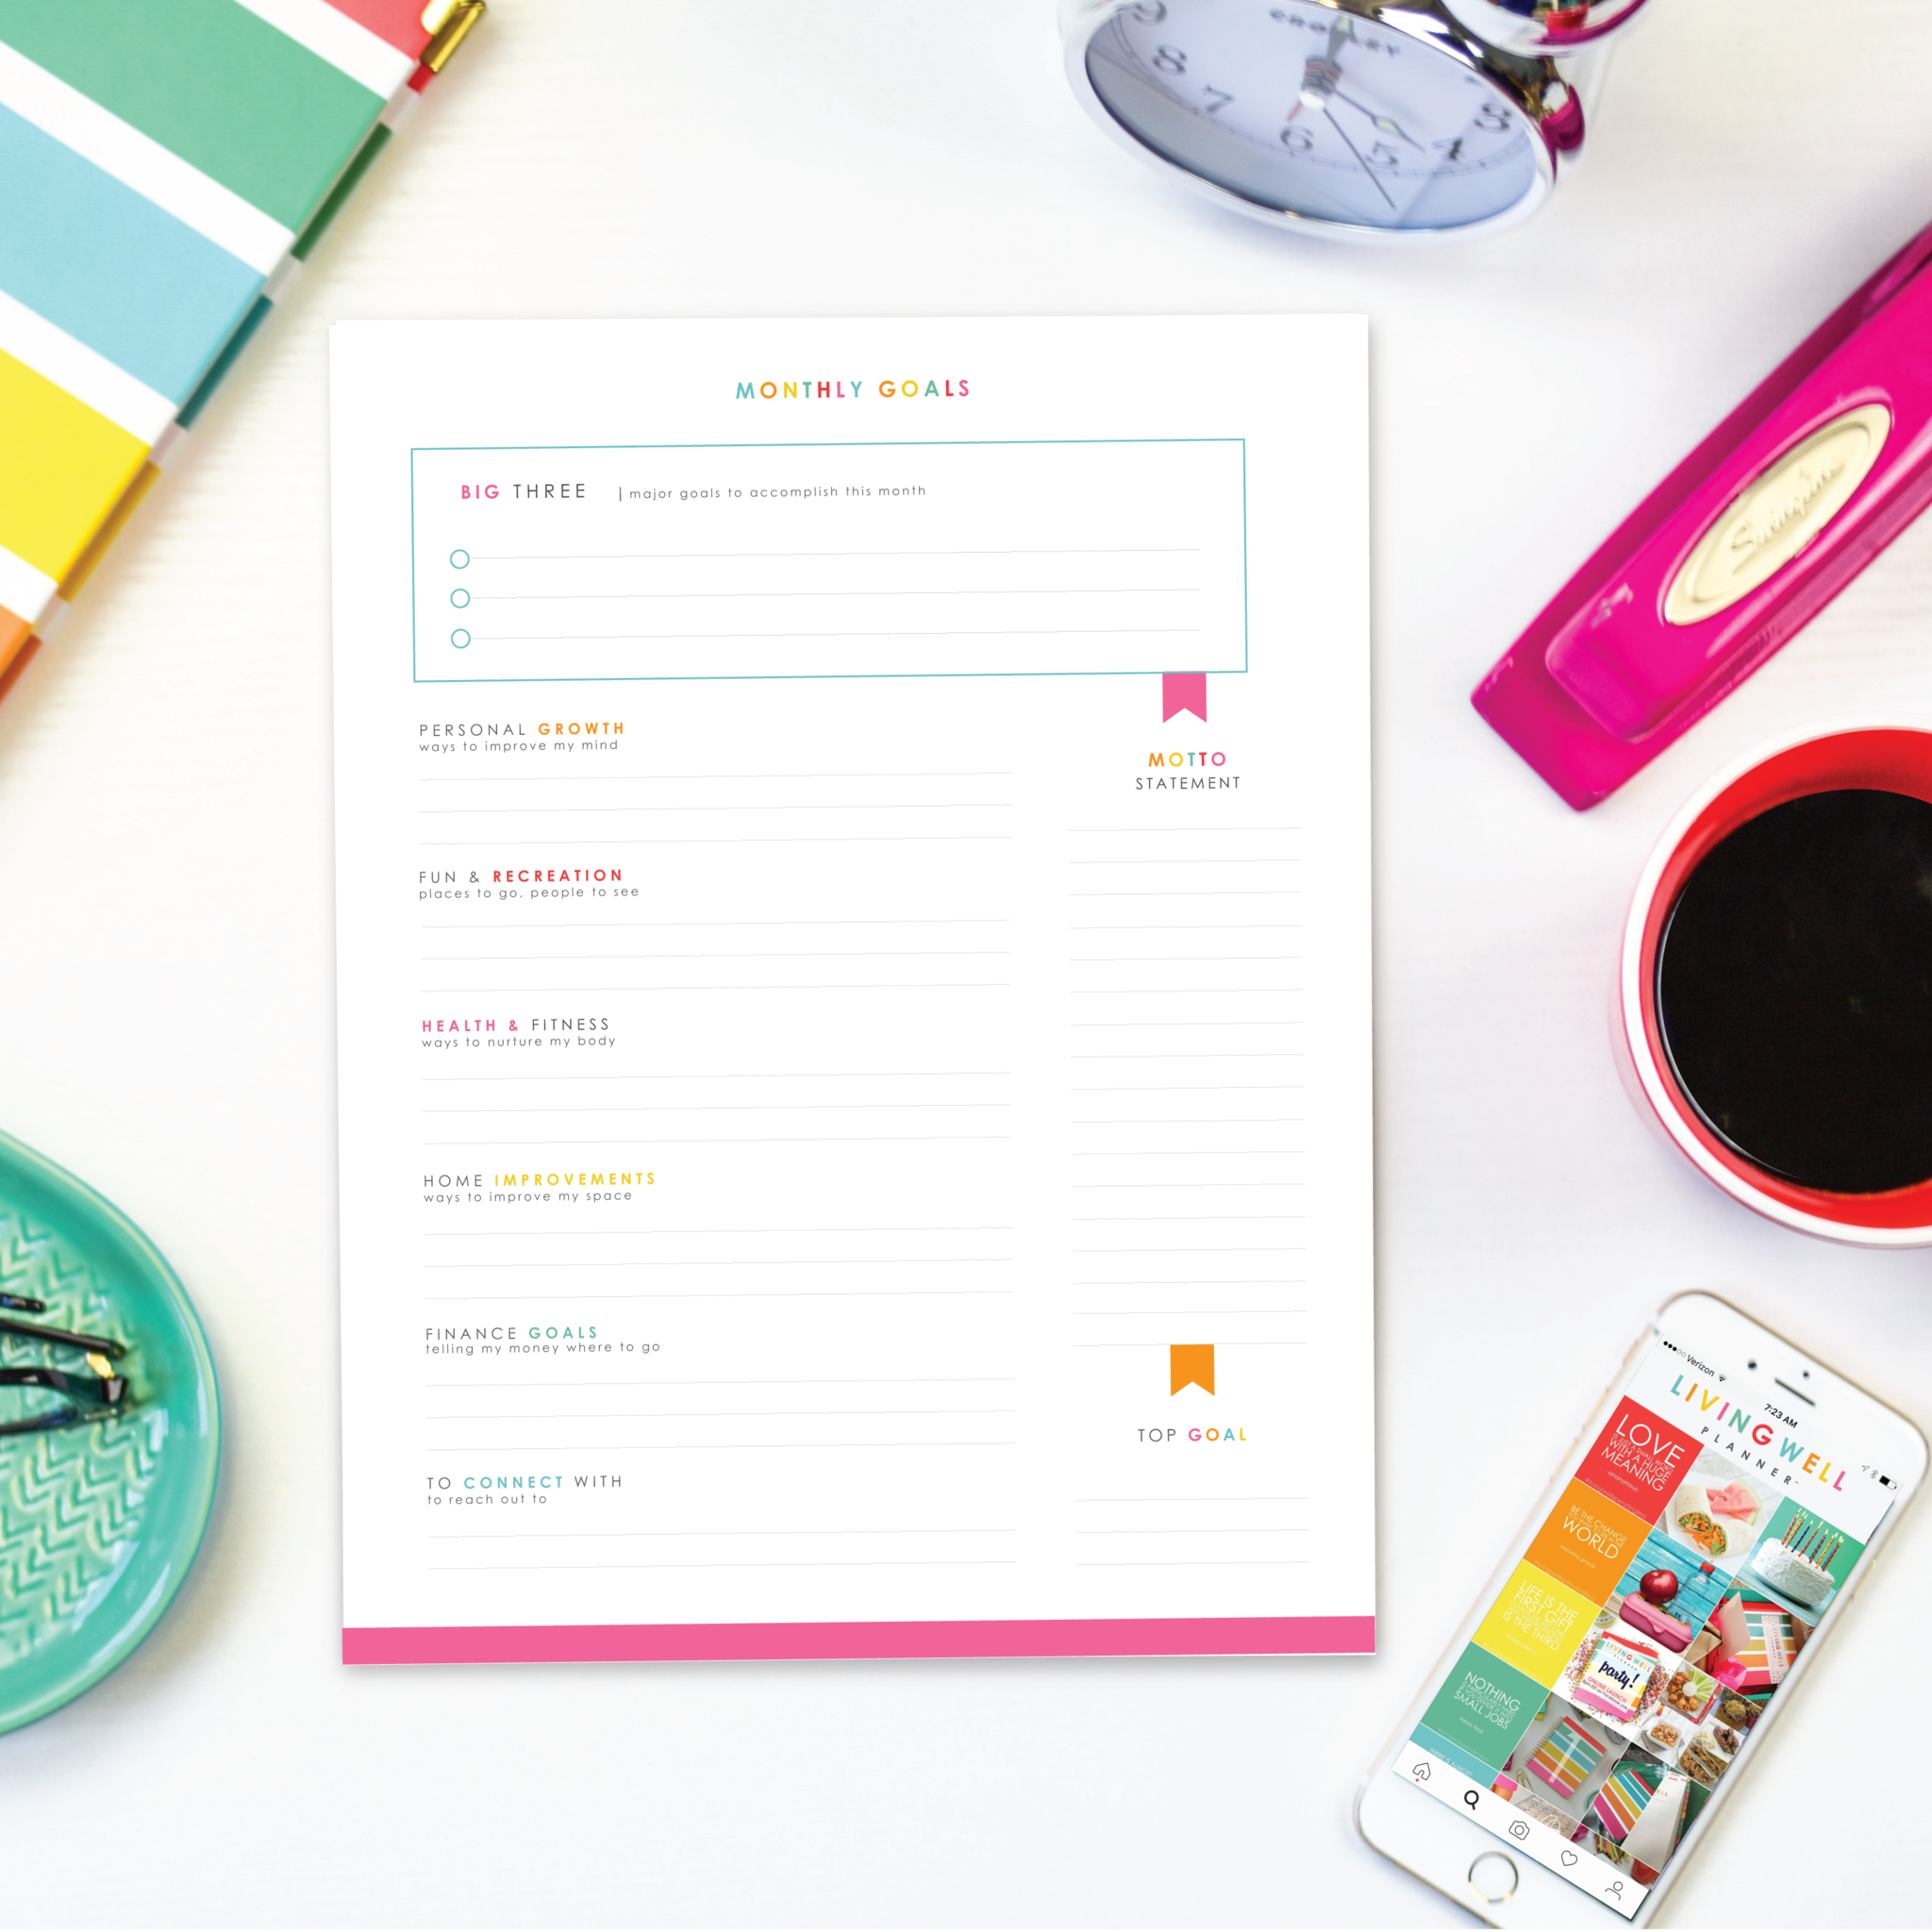 Monthly Goal Worksheet Digital Download